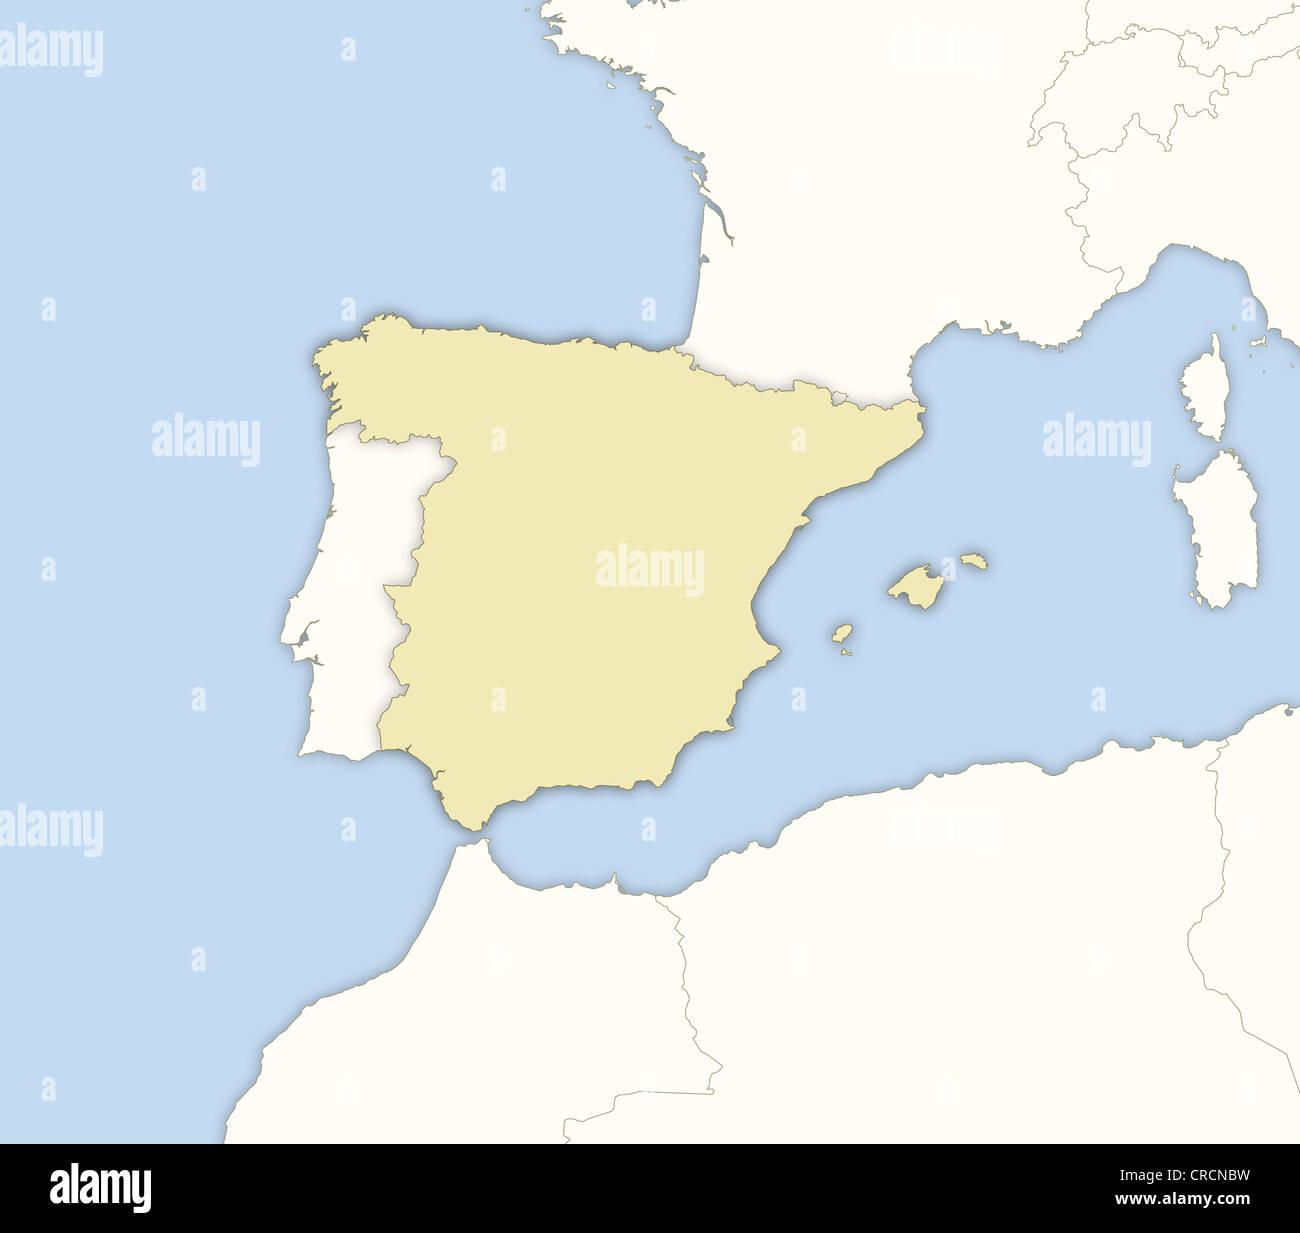 Spanien Karte Regionen.Politische Karte Von Spanien Mit Mehreren Regionen Stockfoto